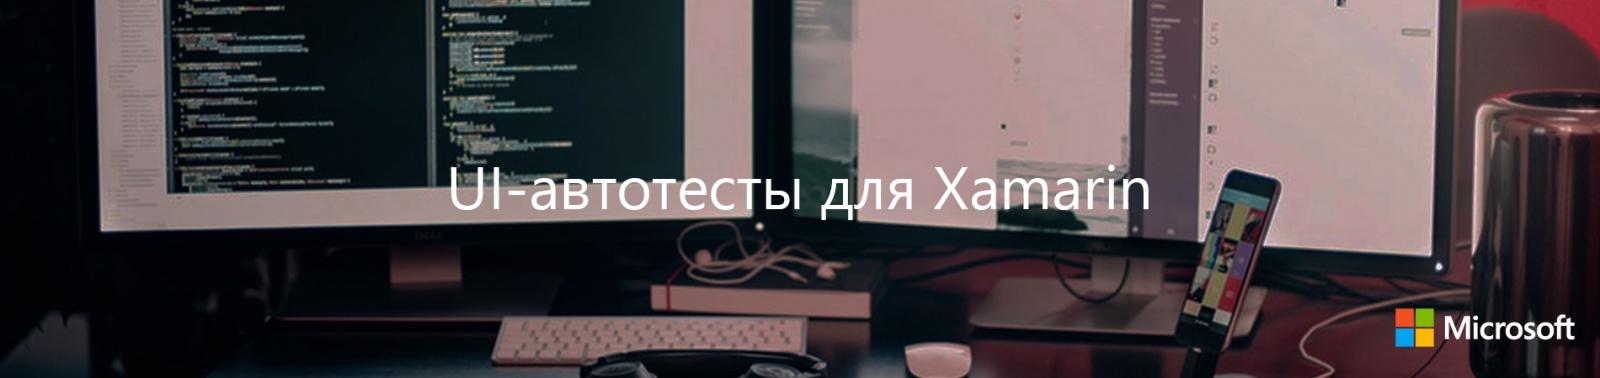 UI-автотесты для Xamarin - 1